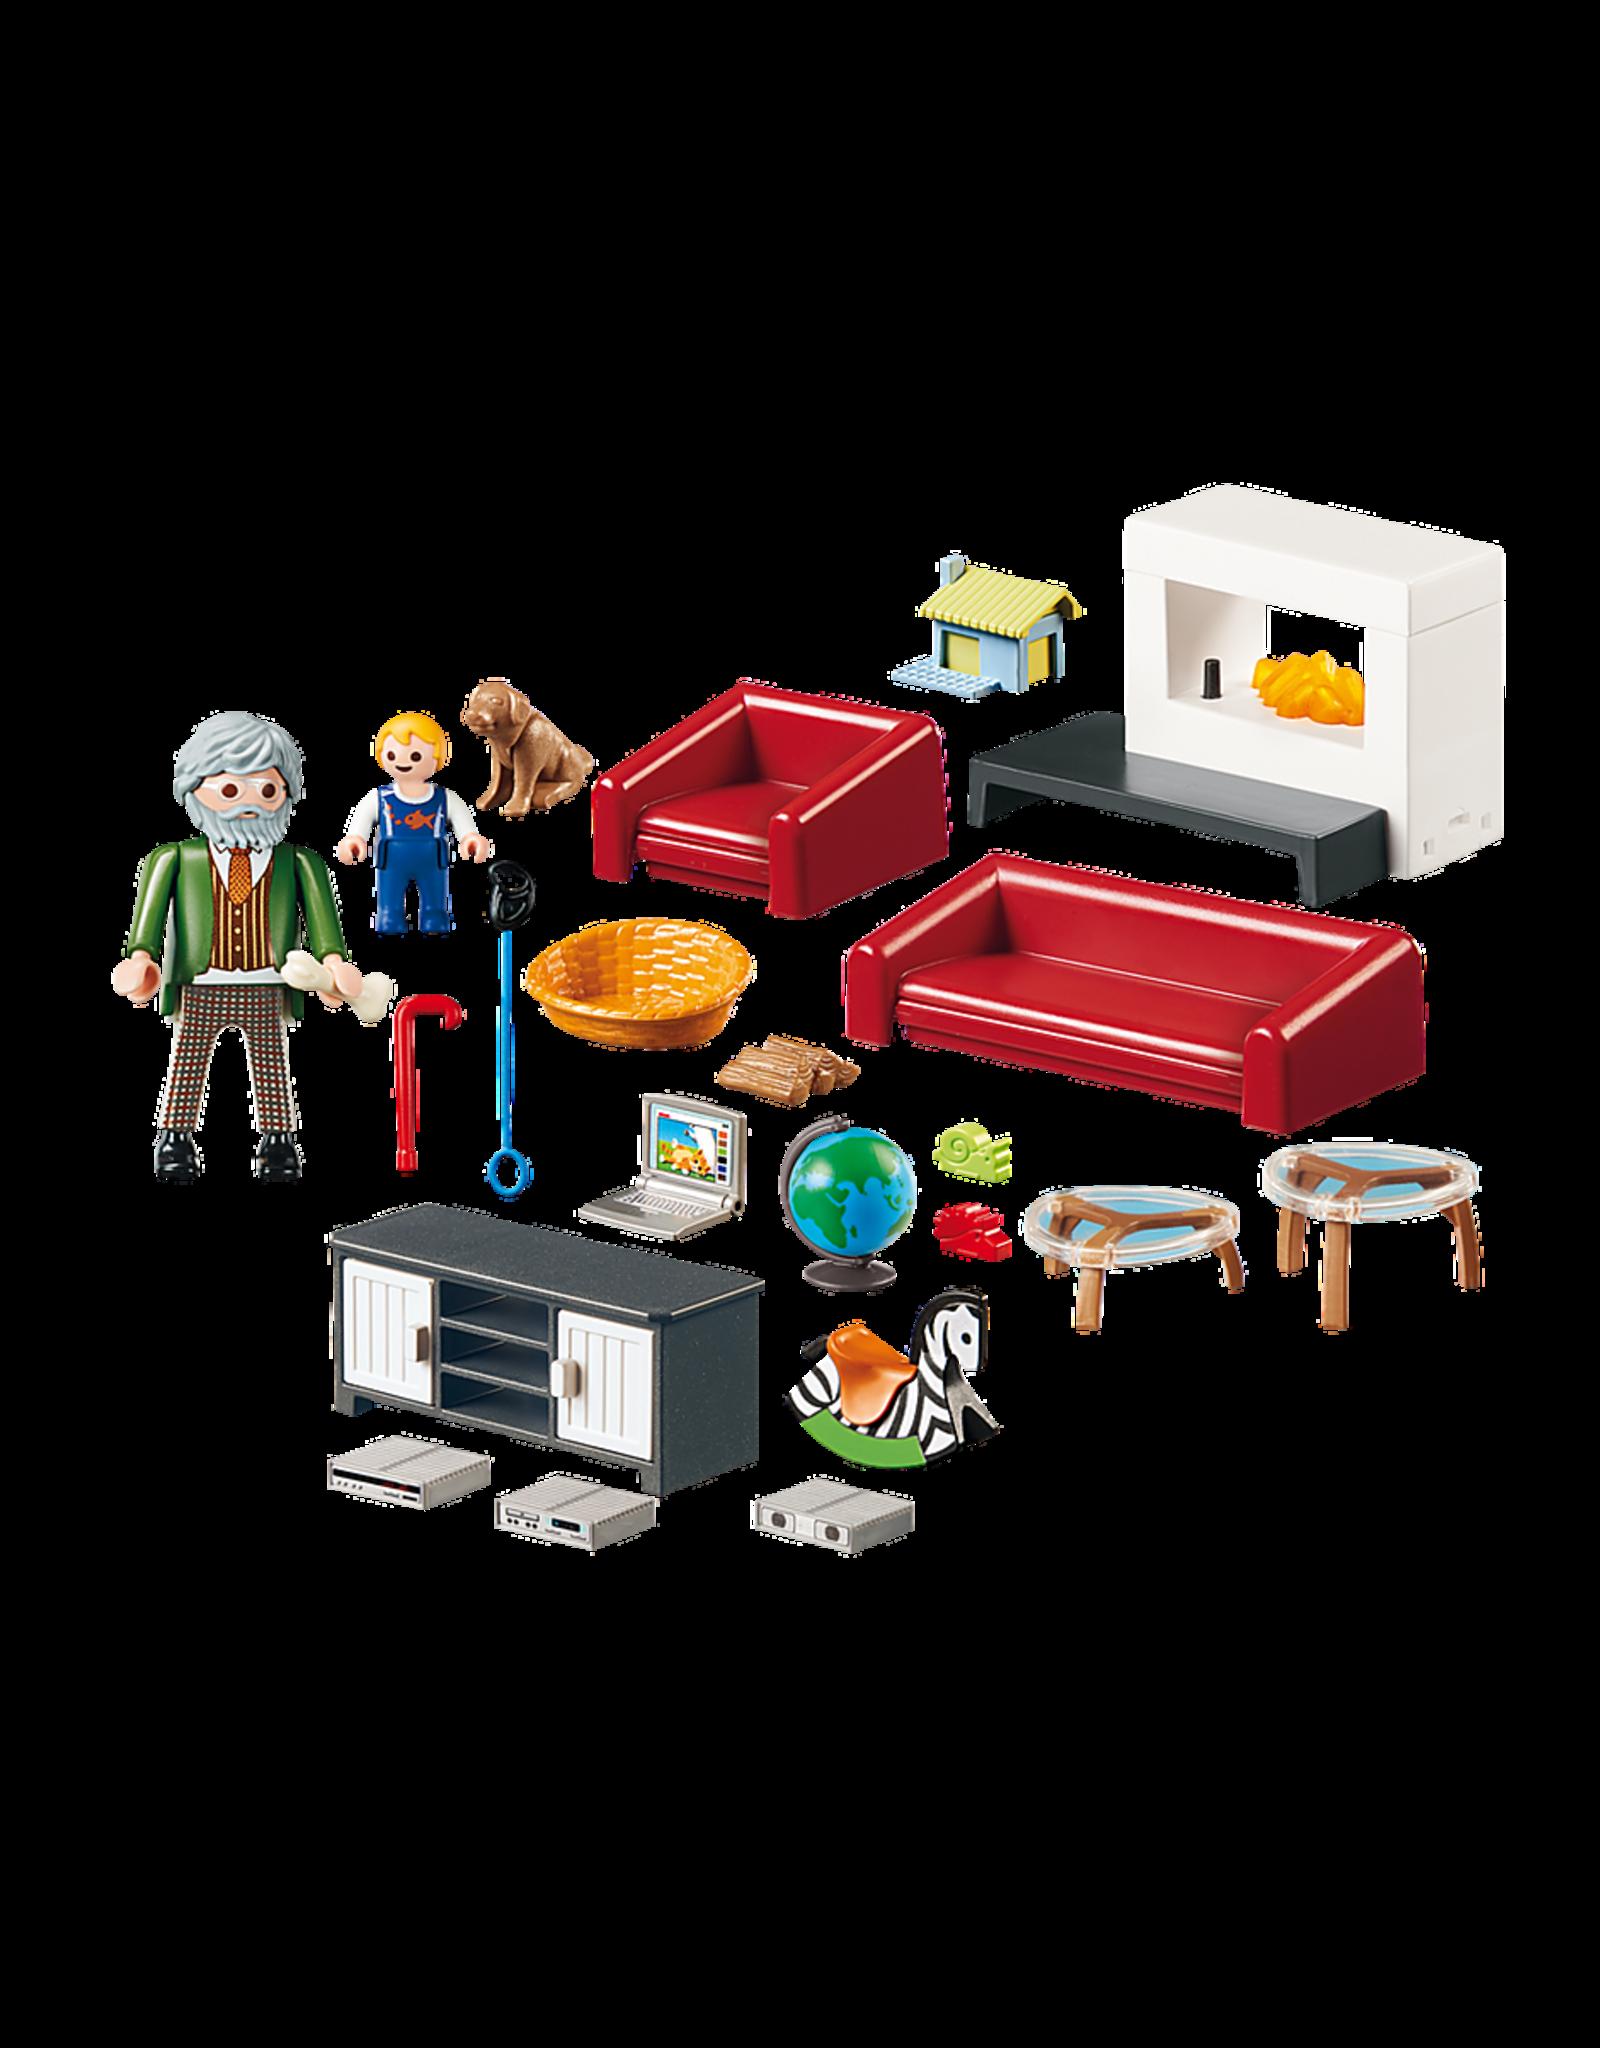 Playmobil Comfortable Living Room